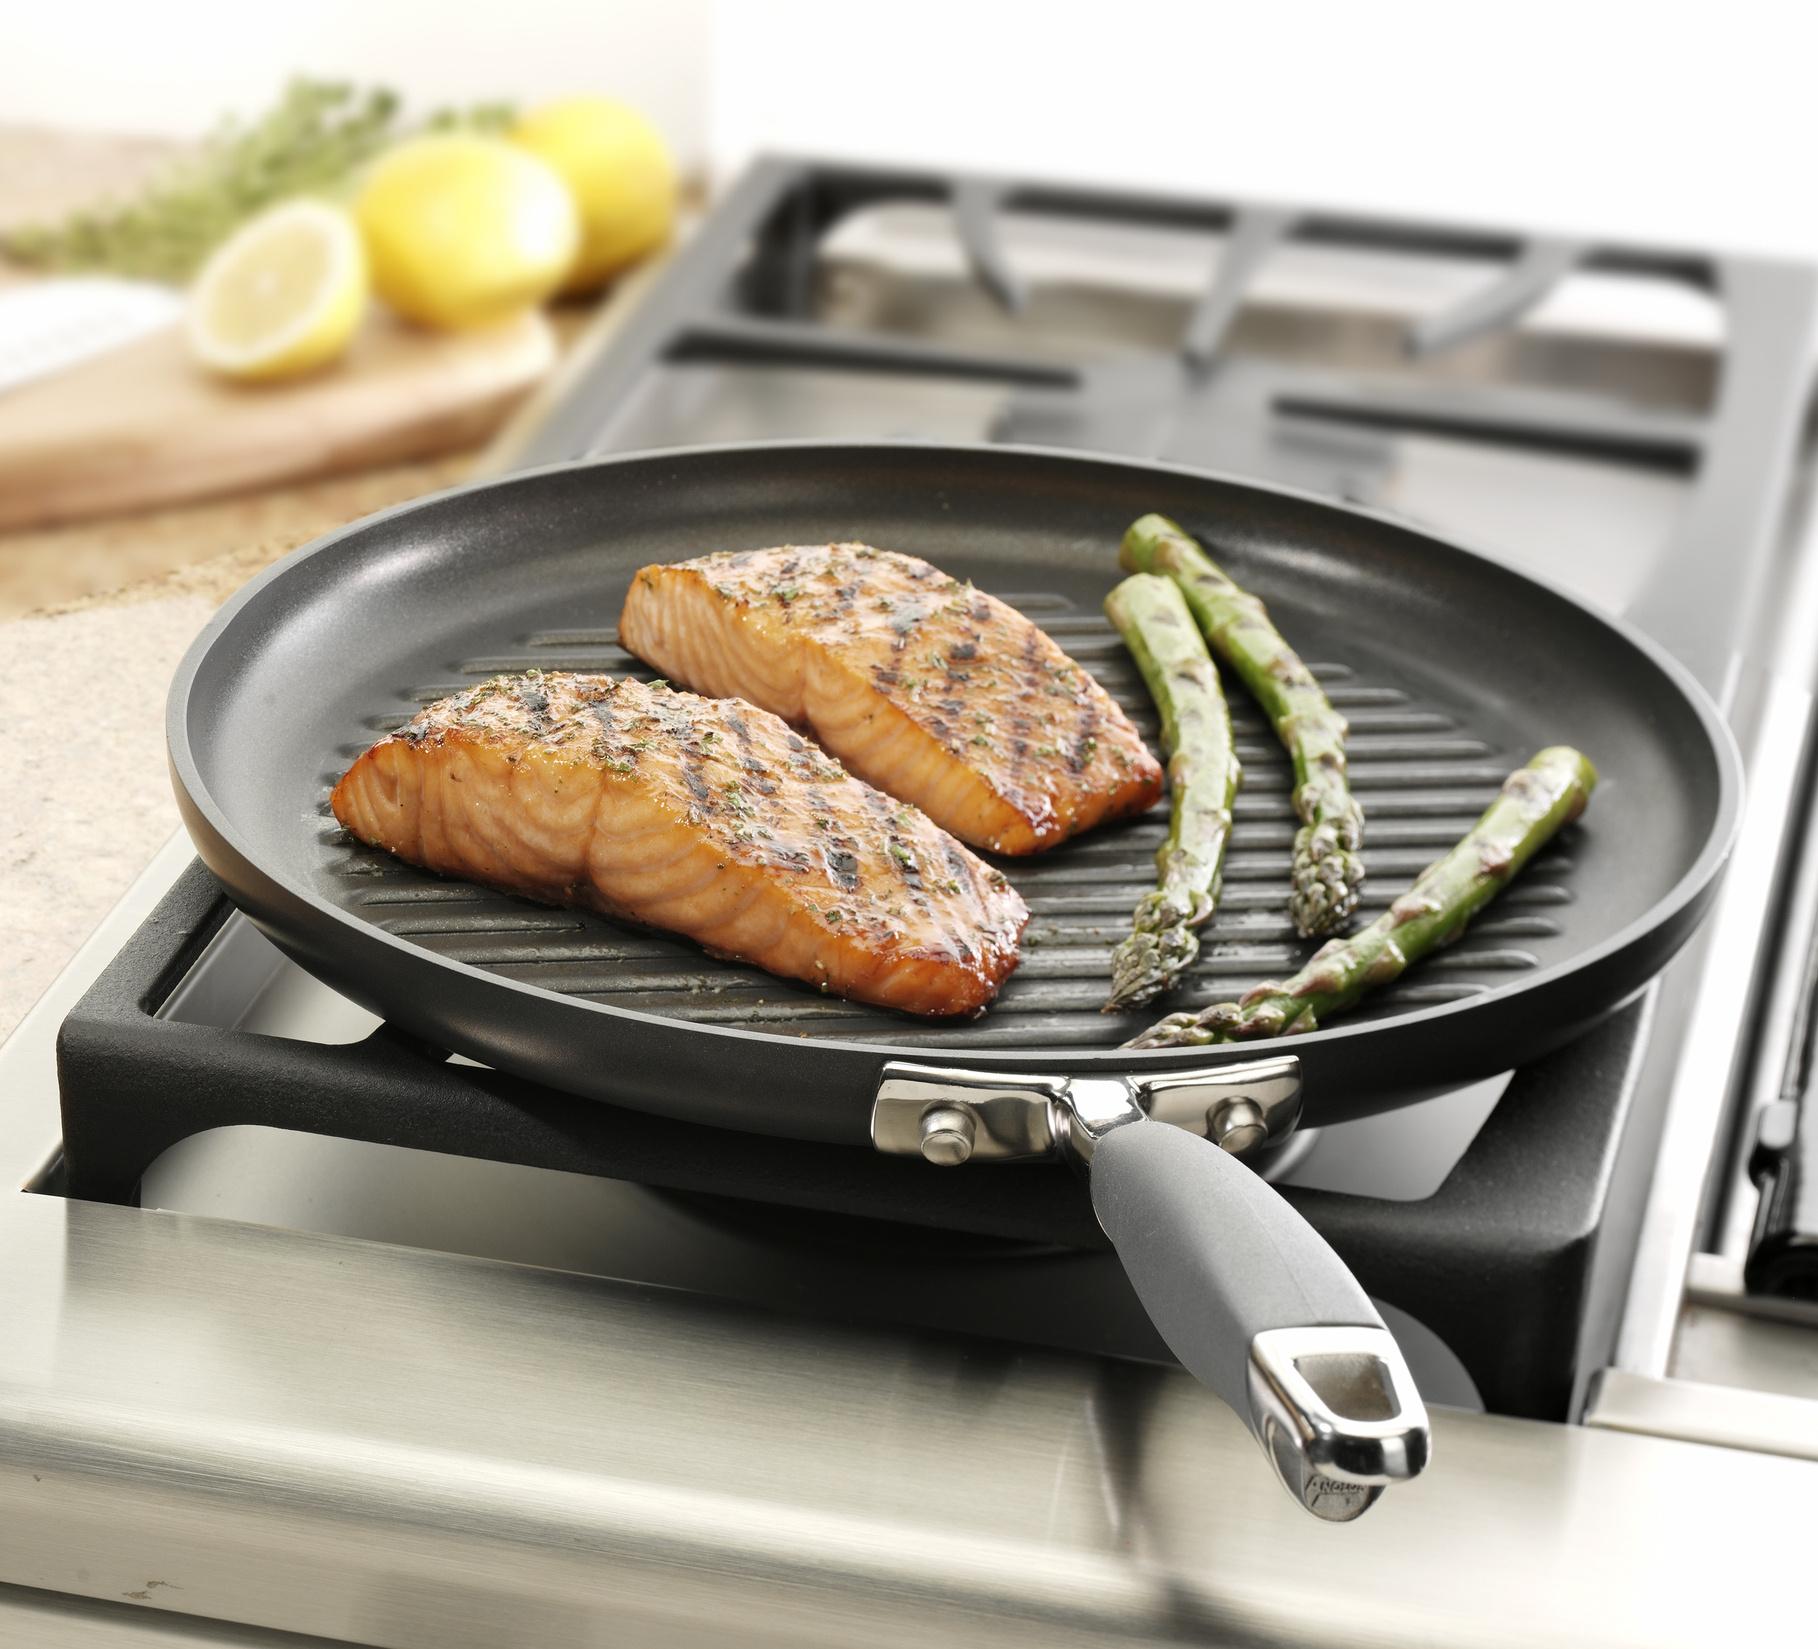 рыба на сковороде гриль рецепты с фото частный дом